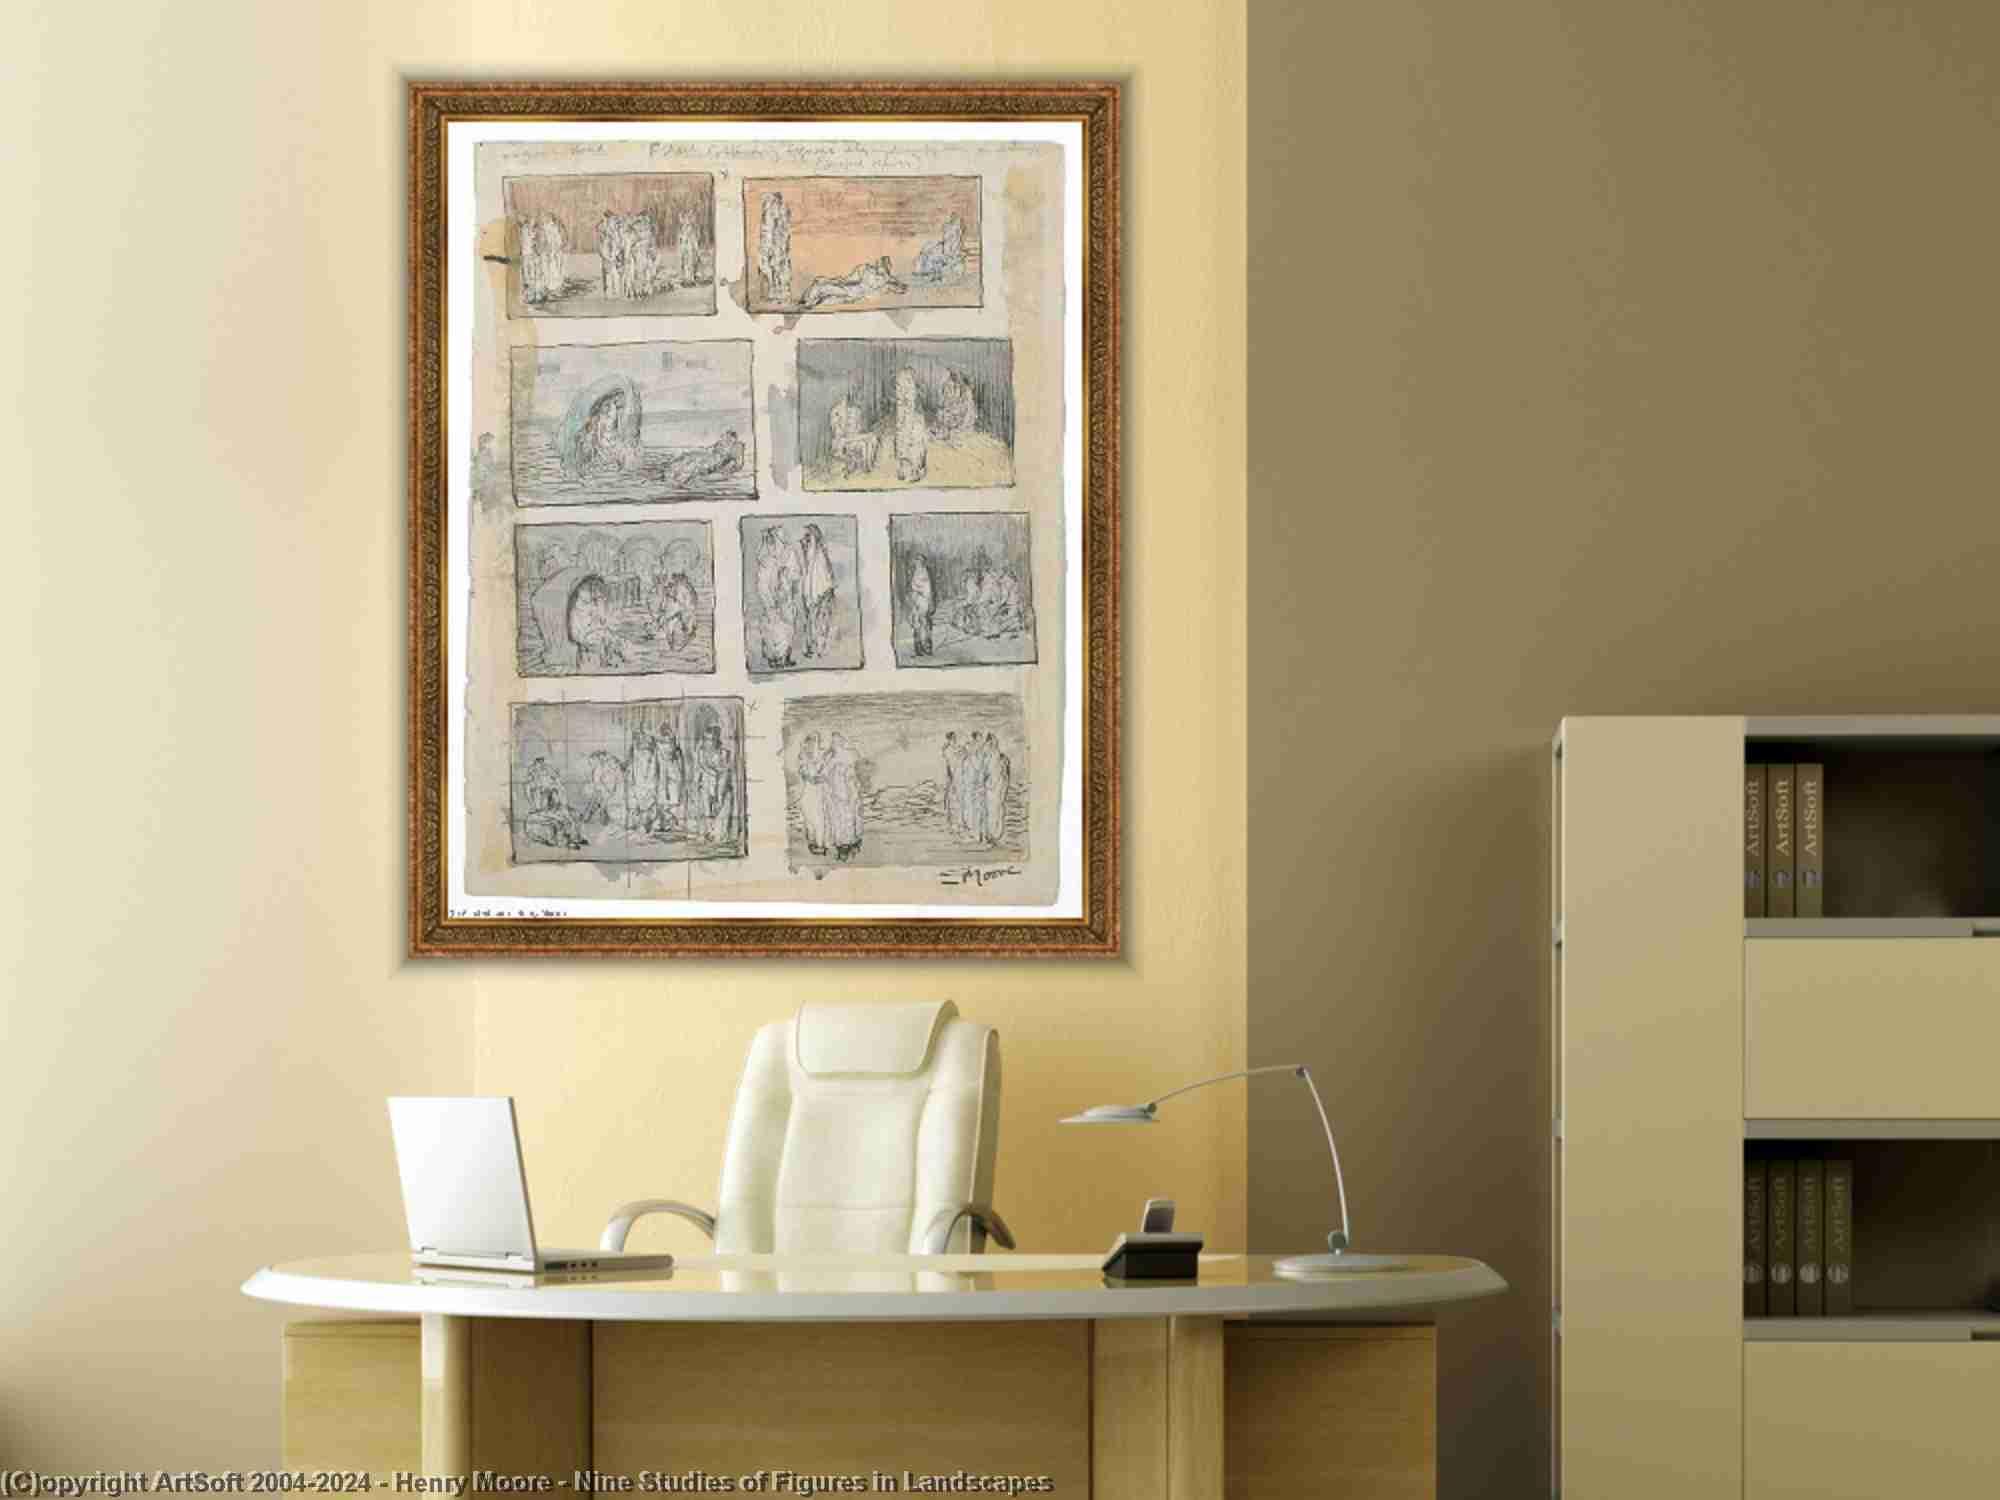 Henry Moore - nueve estudios  todaclasede  cifras  cómo  paisajes